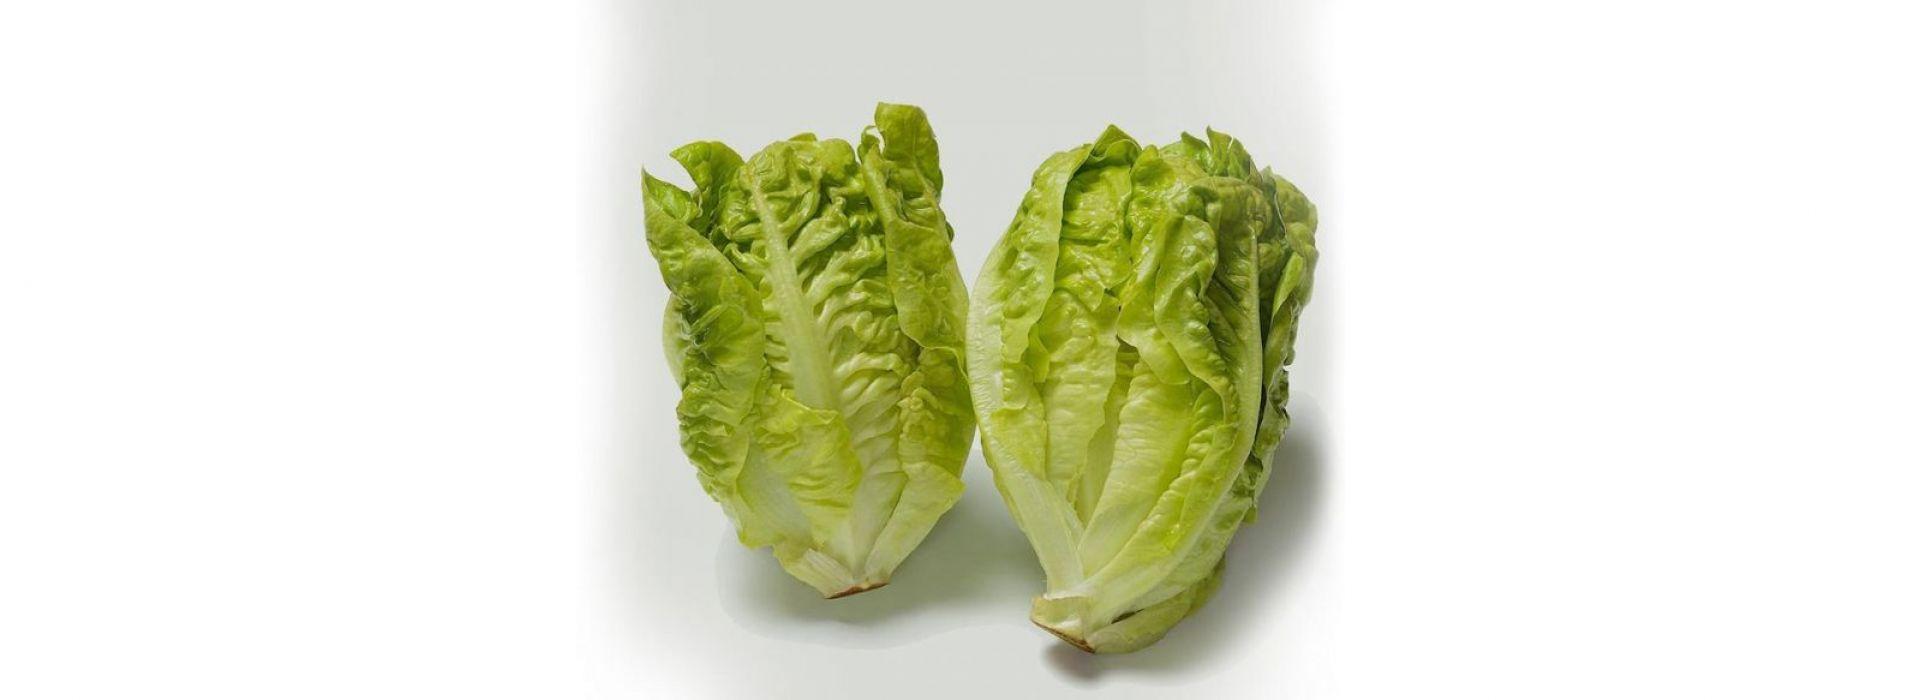 Lettuce Little Gem Romaine